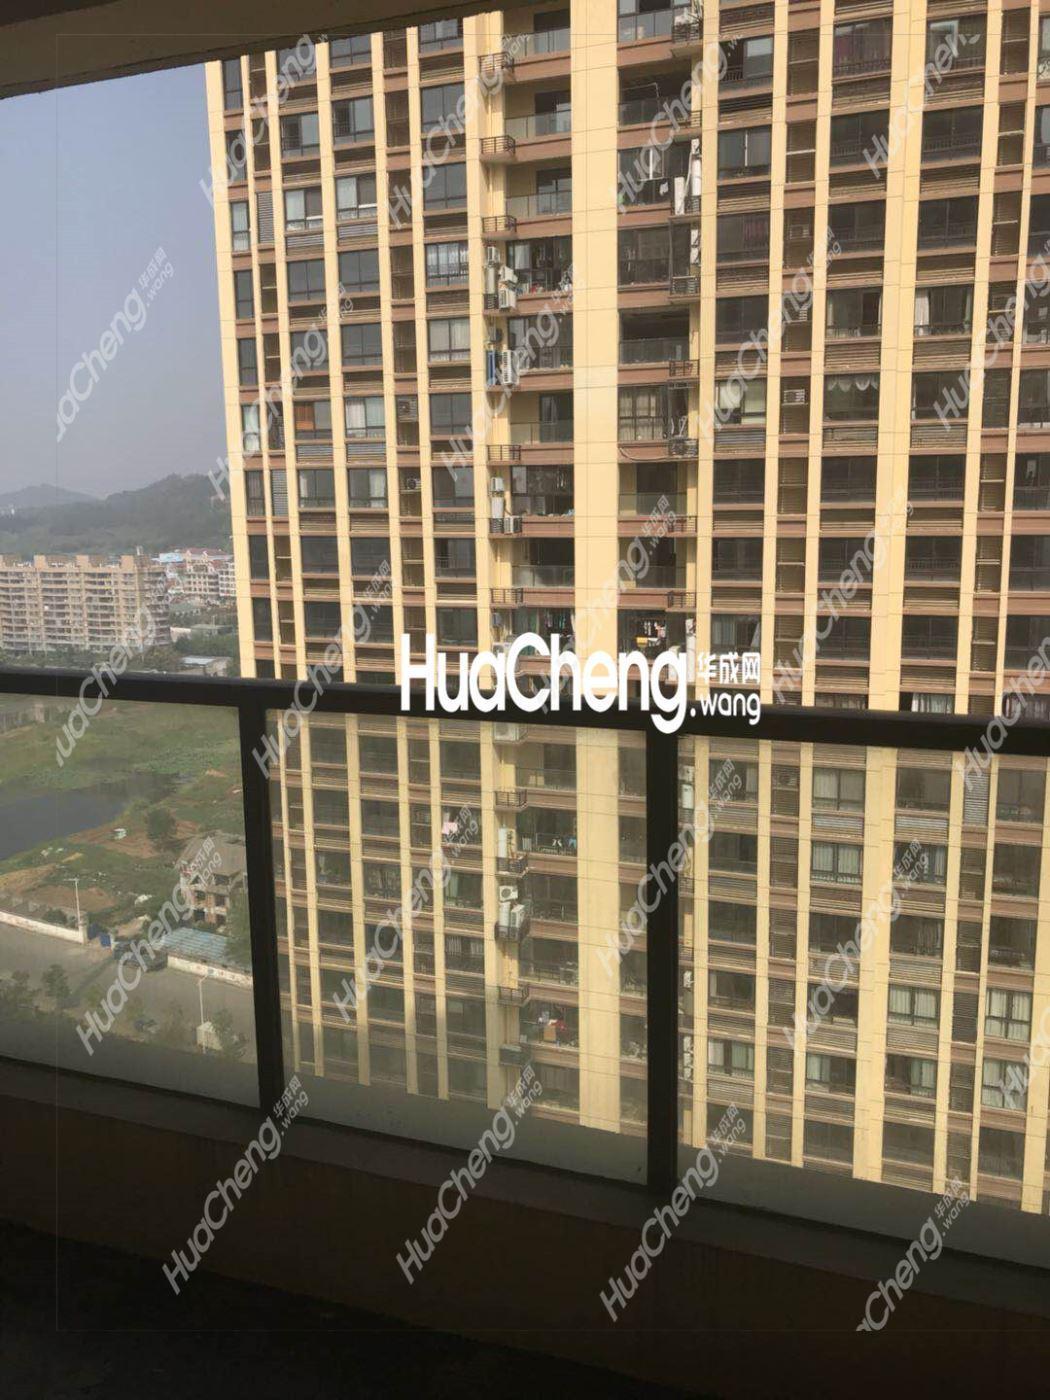 低首付,单价1万的花园小区义乌五亭华府,132平3房2厅高楼